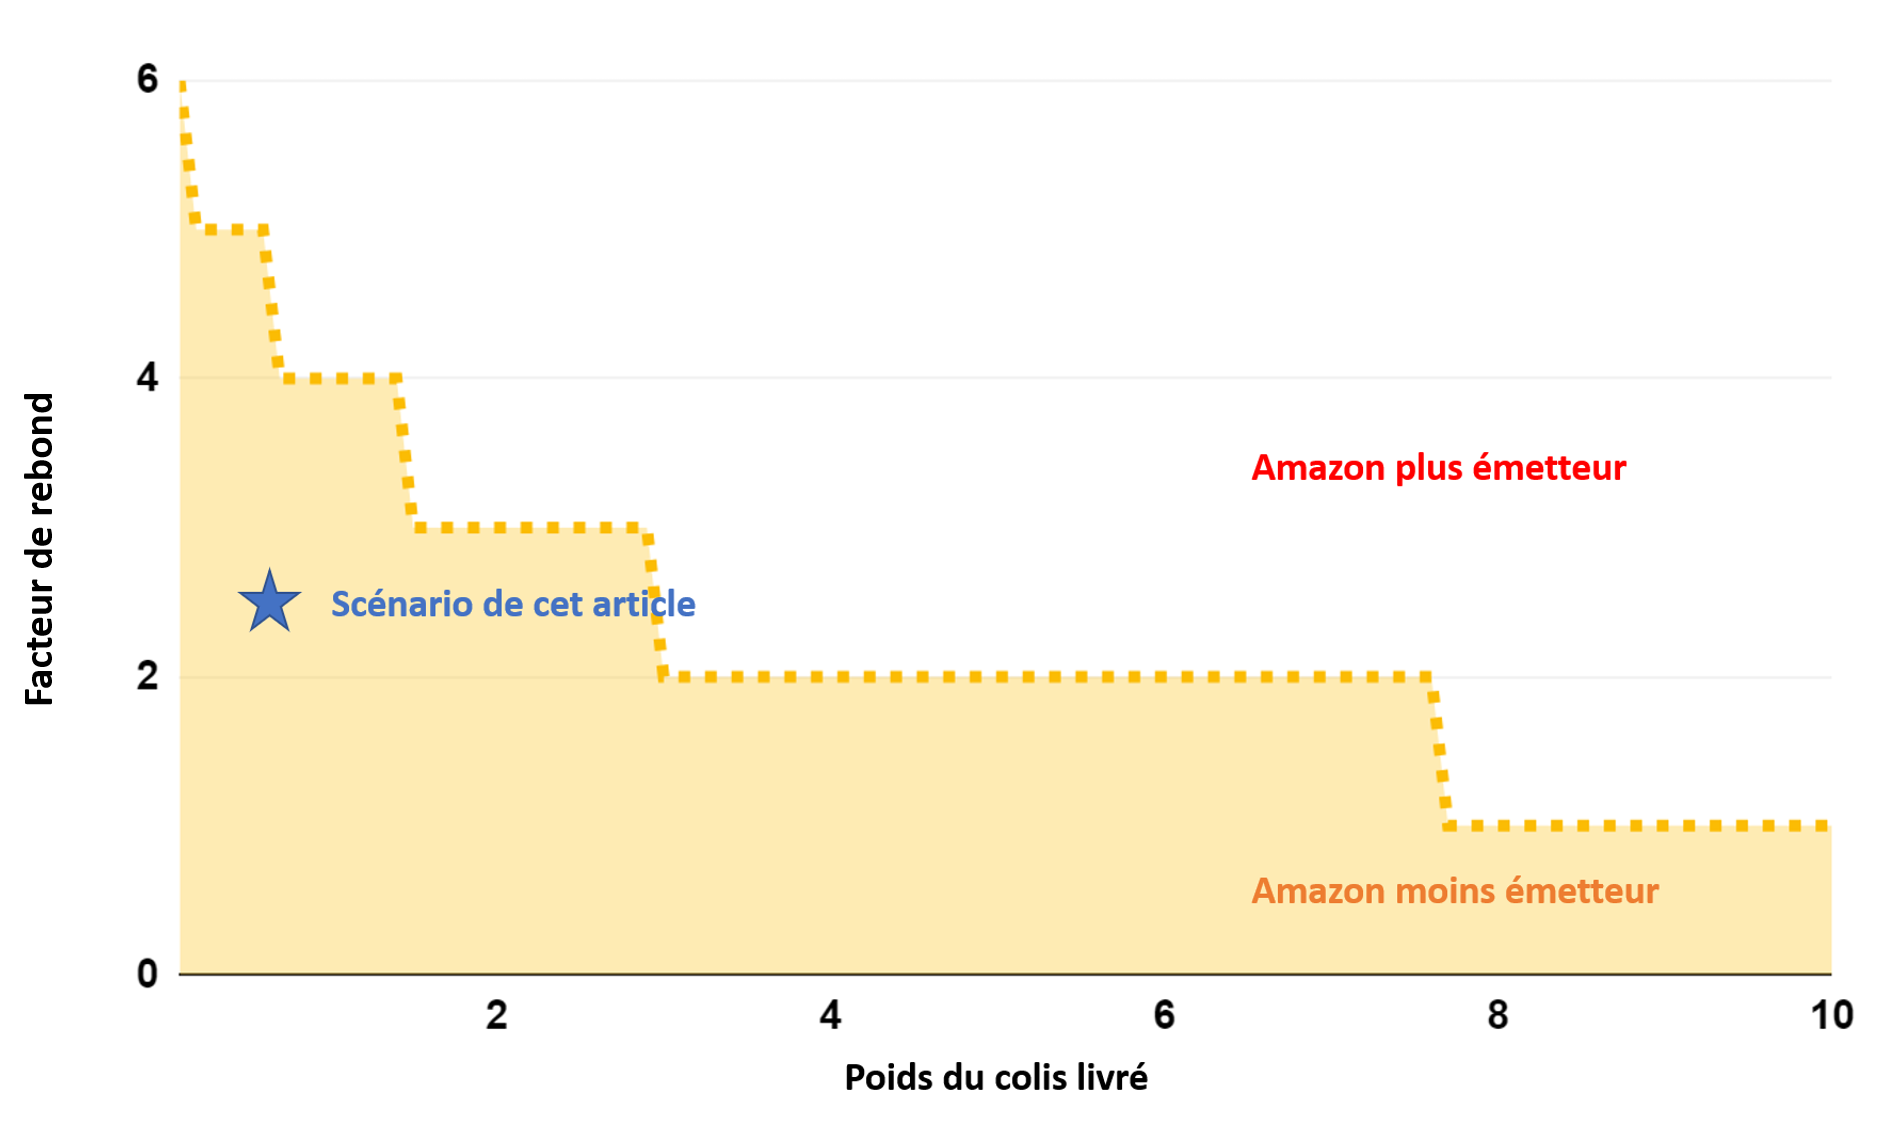 Comparatif des émissions du e-commerce vs on-premise selon le facteur de rebond et le poids du colis